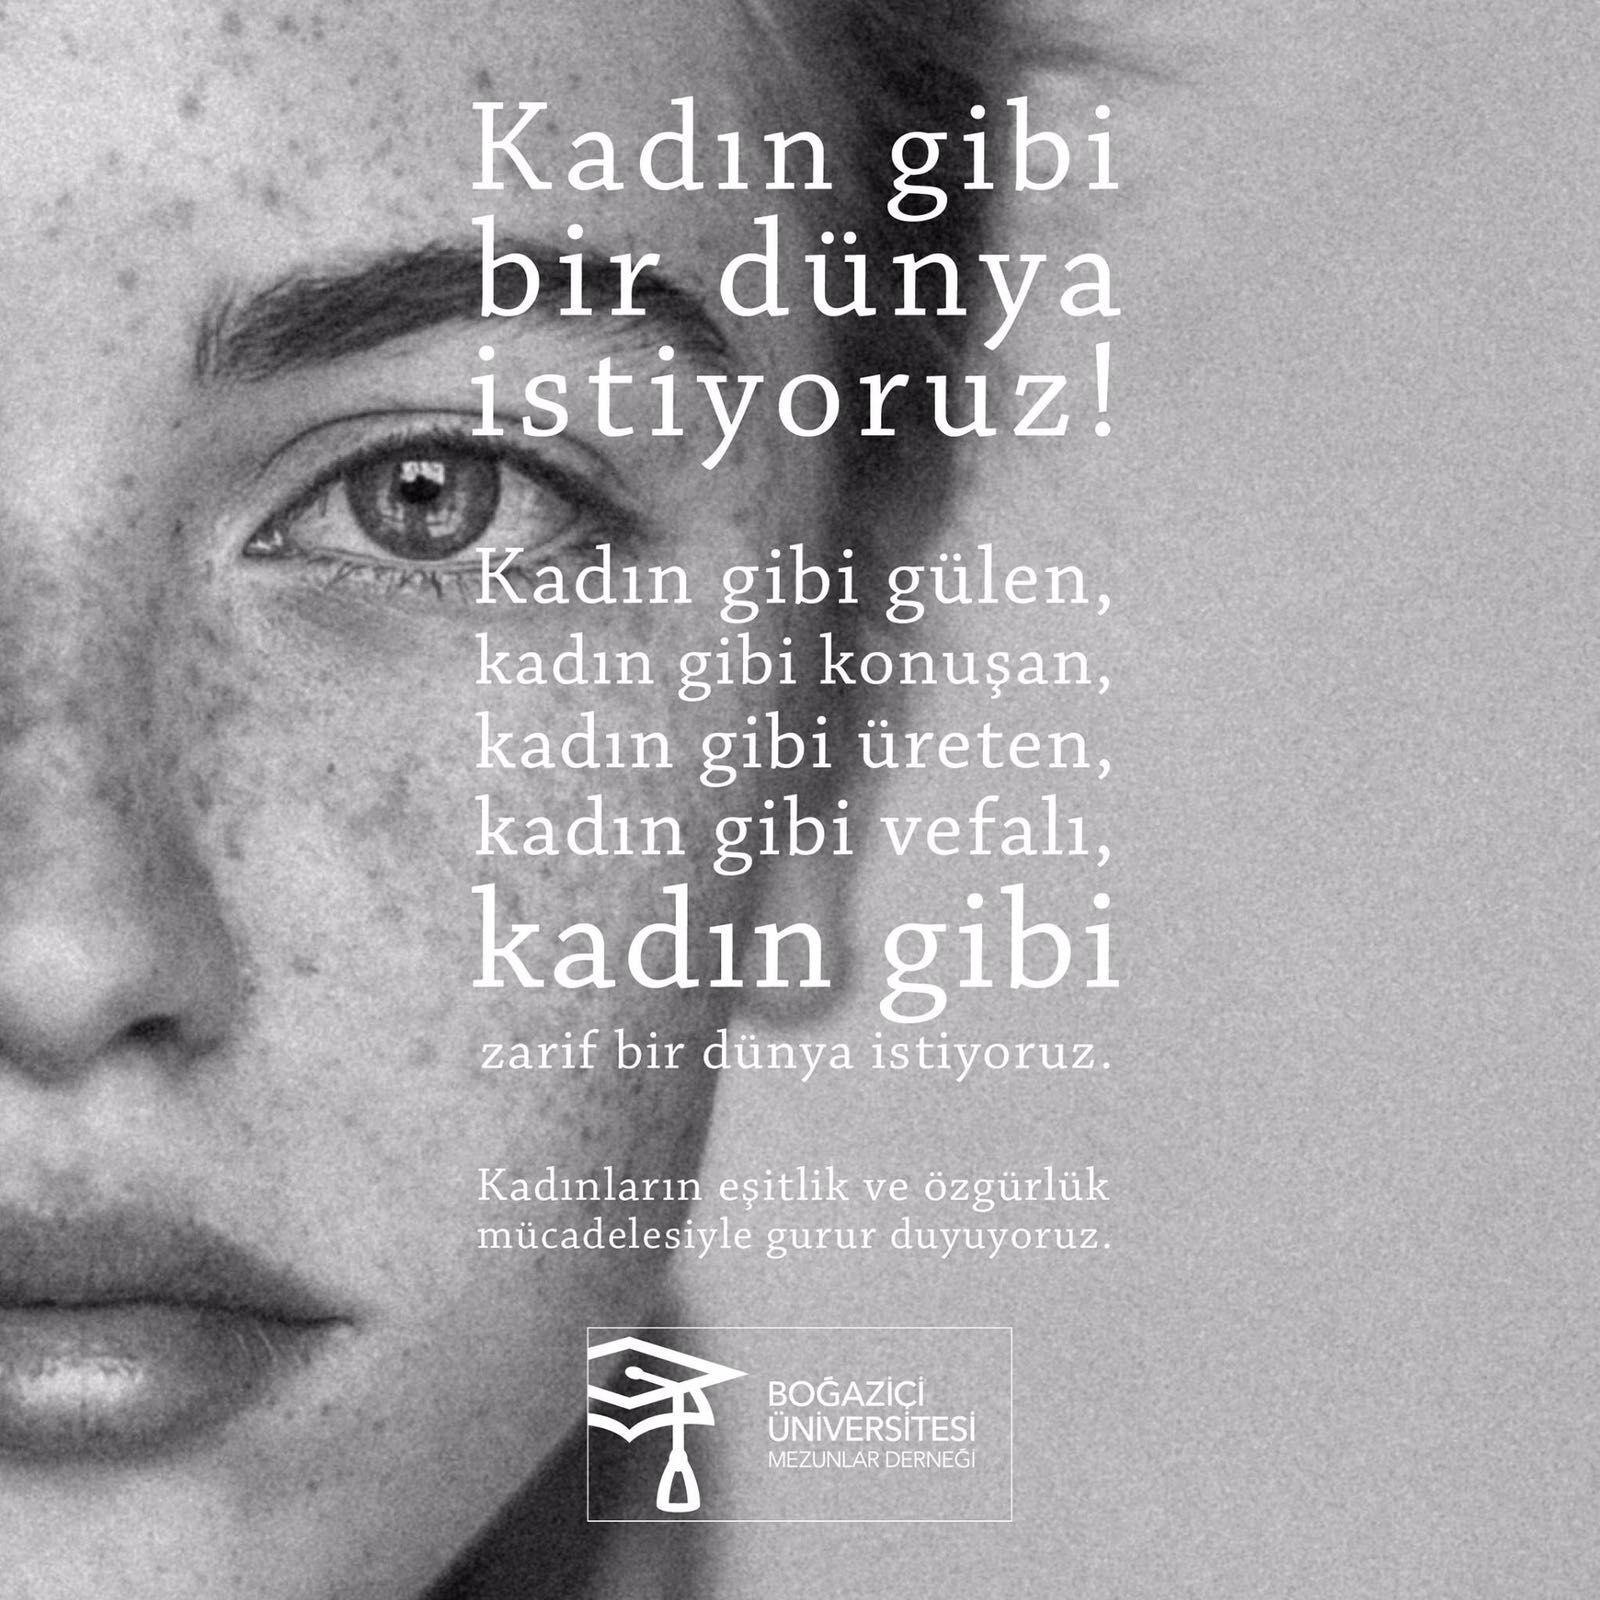 Kadın Gibi Zarif Bir Dünya Istiyoruz 8 Mart Kadınlar Günü Türkçe